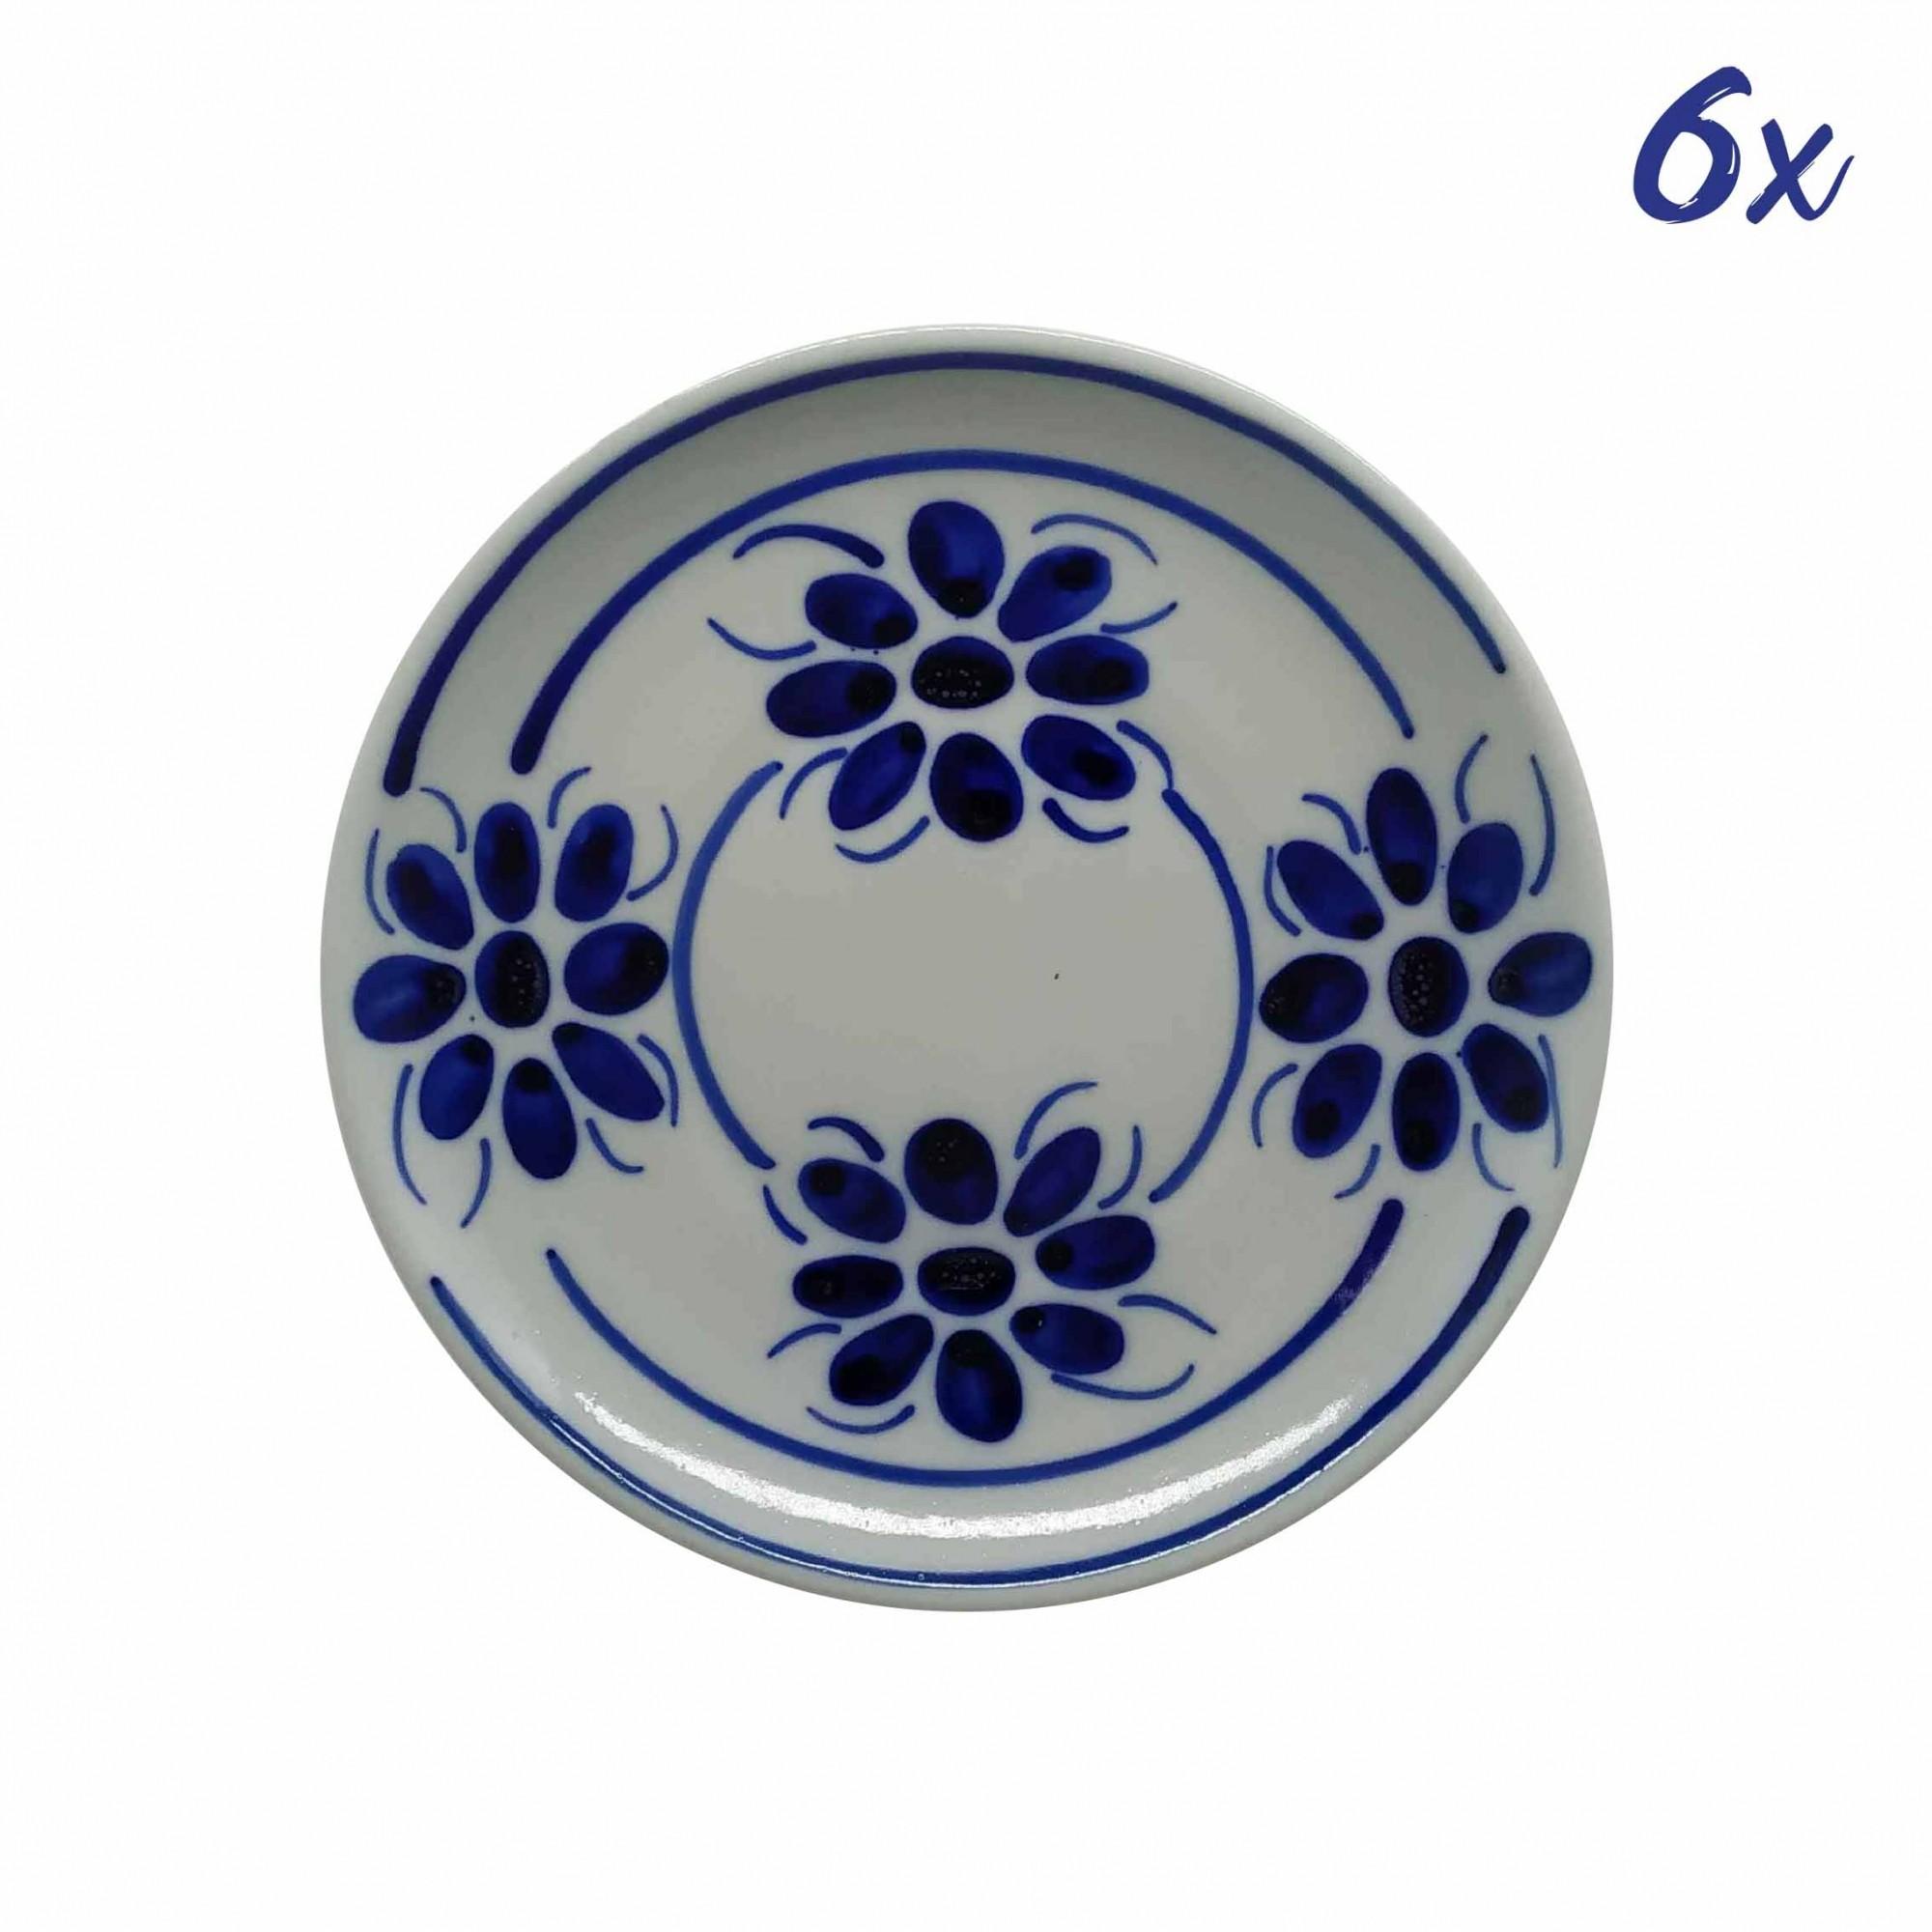 Jogo de 6 Pratos de Sobremesa 18,5 cm em Porcelana Azul Floral